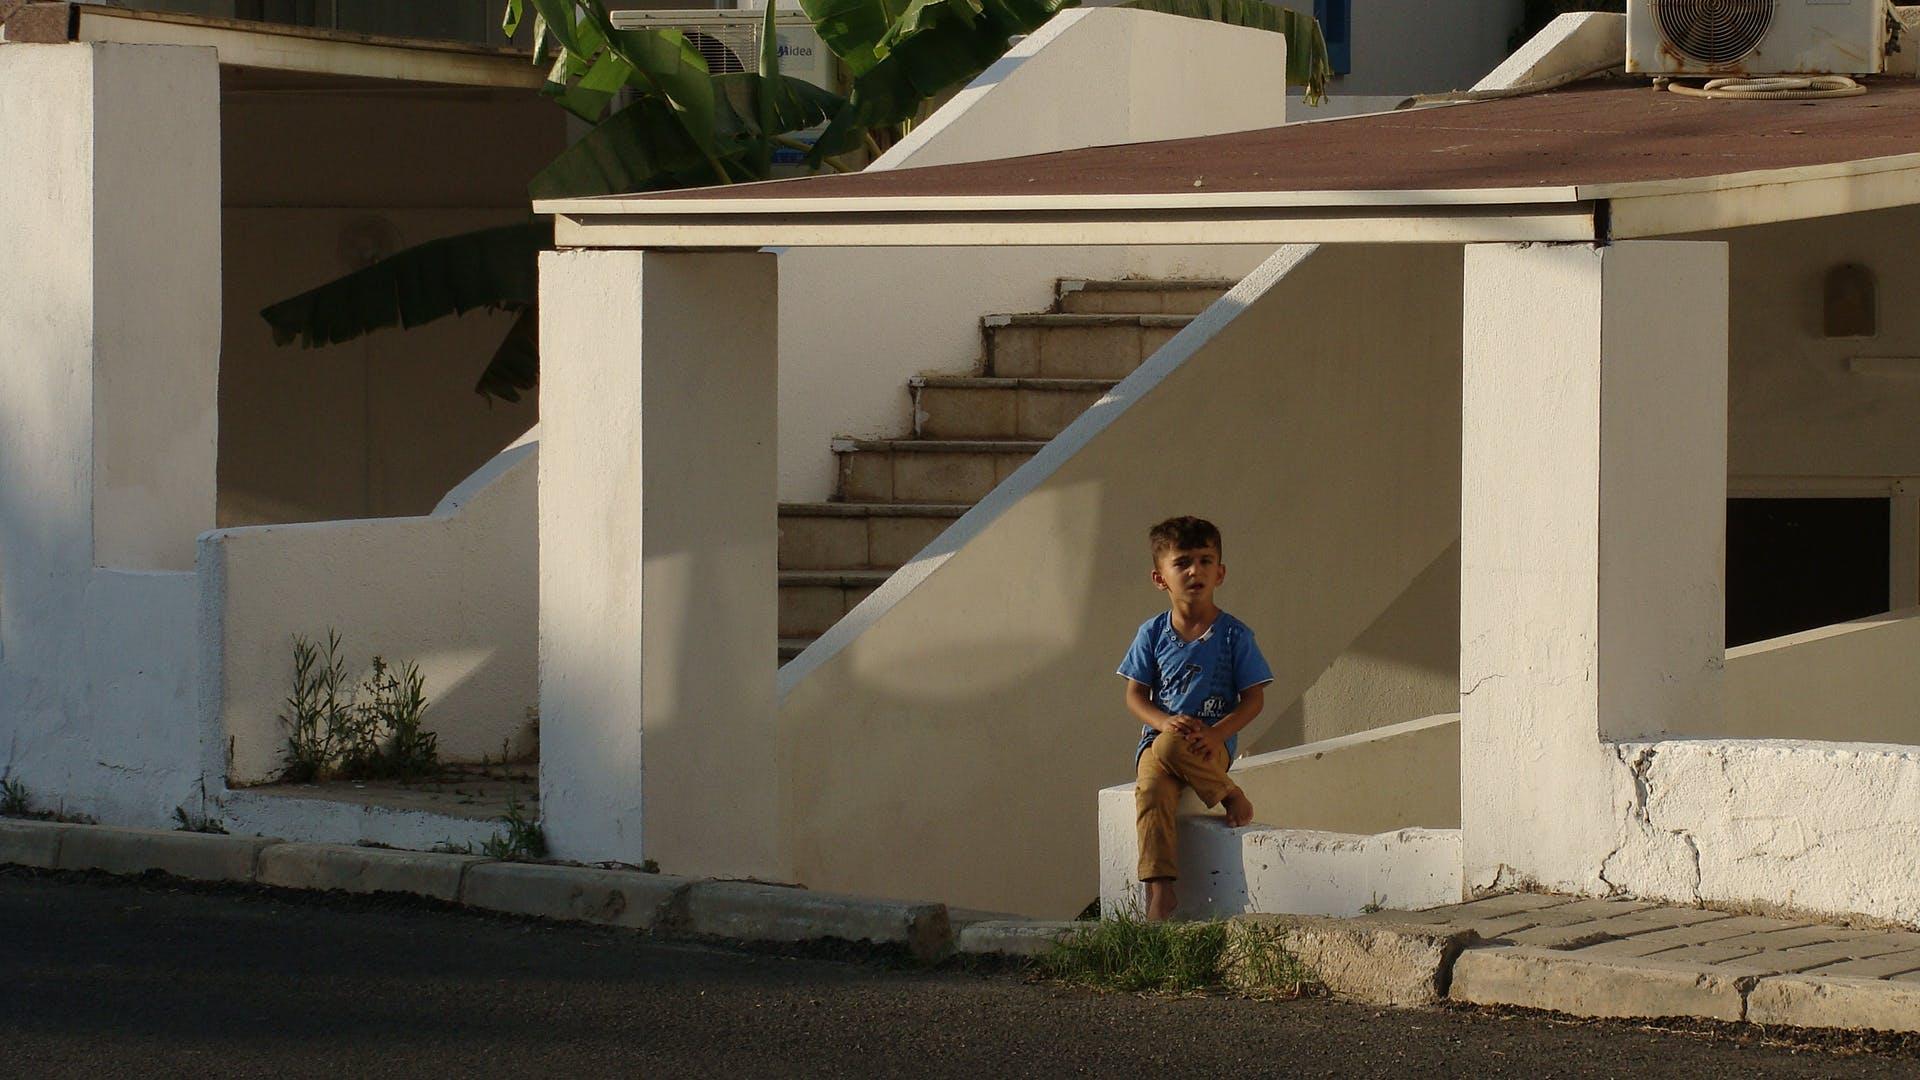 Kostenloses Stock Foto zu junge, kind, klein, mauer